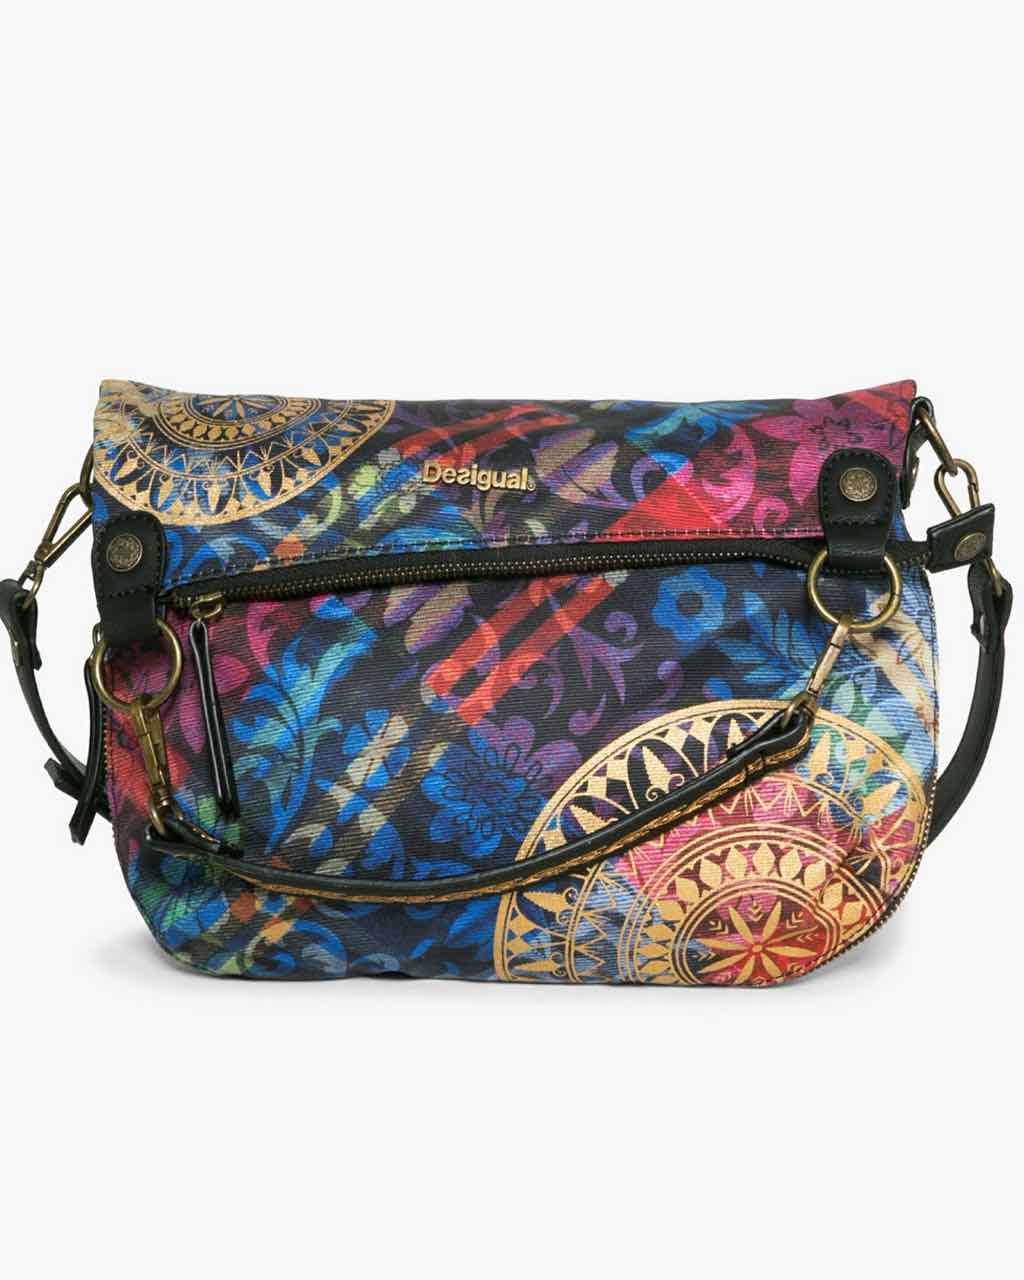 17WAXFA3_3147 Desigual Bag Folded Transflores Buy Online